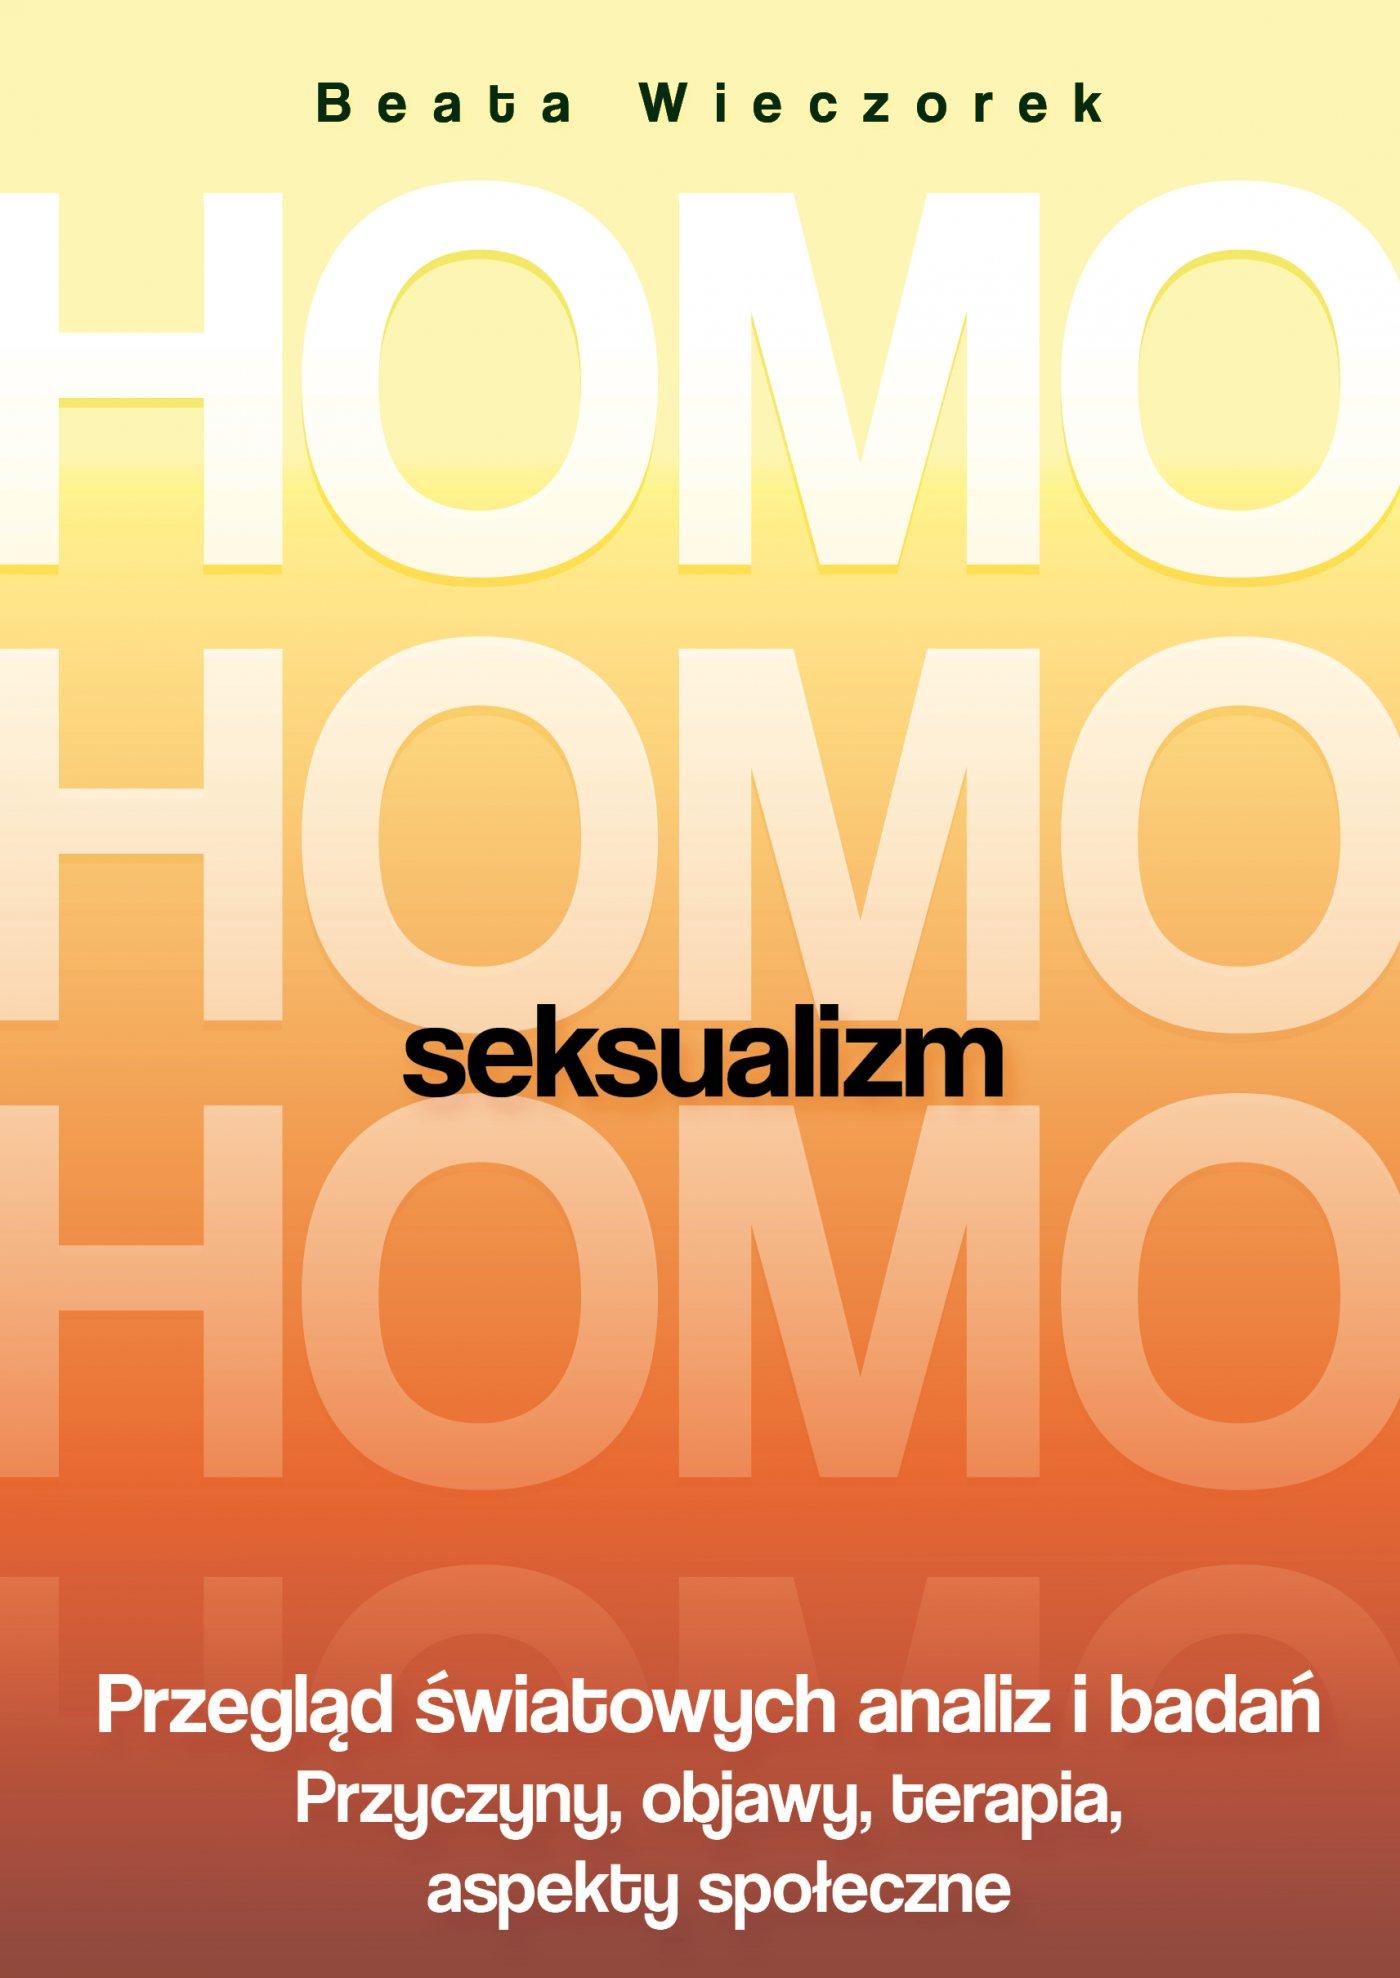 Homoseksualizm. Przegląd światowych analiz i badań - Ebook (Książka PDF) do pobrania w formacie PDF